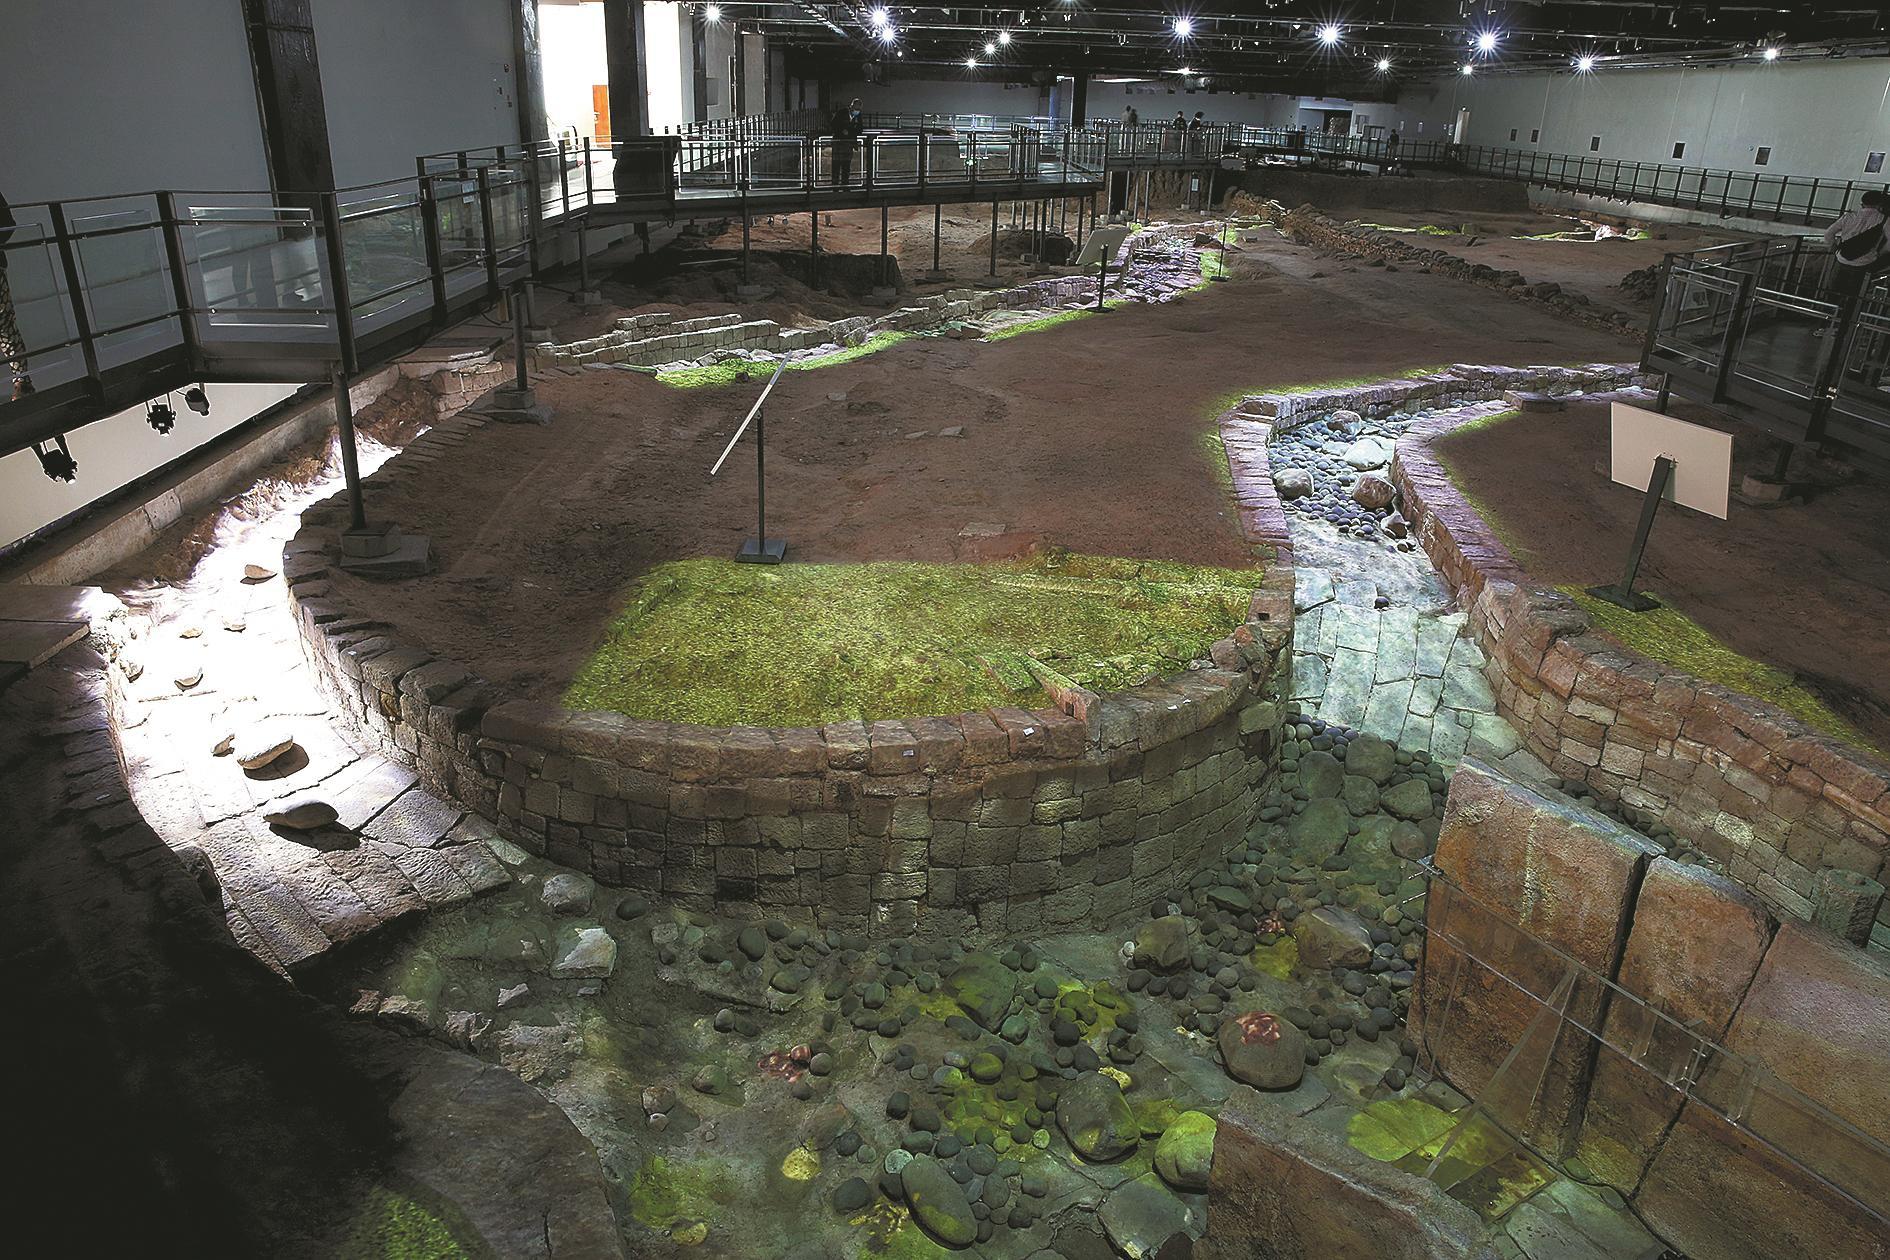 曲流石渠声光电复原展示 南越王宫博物馆供图